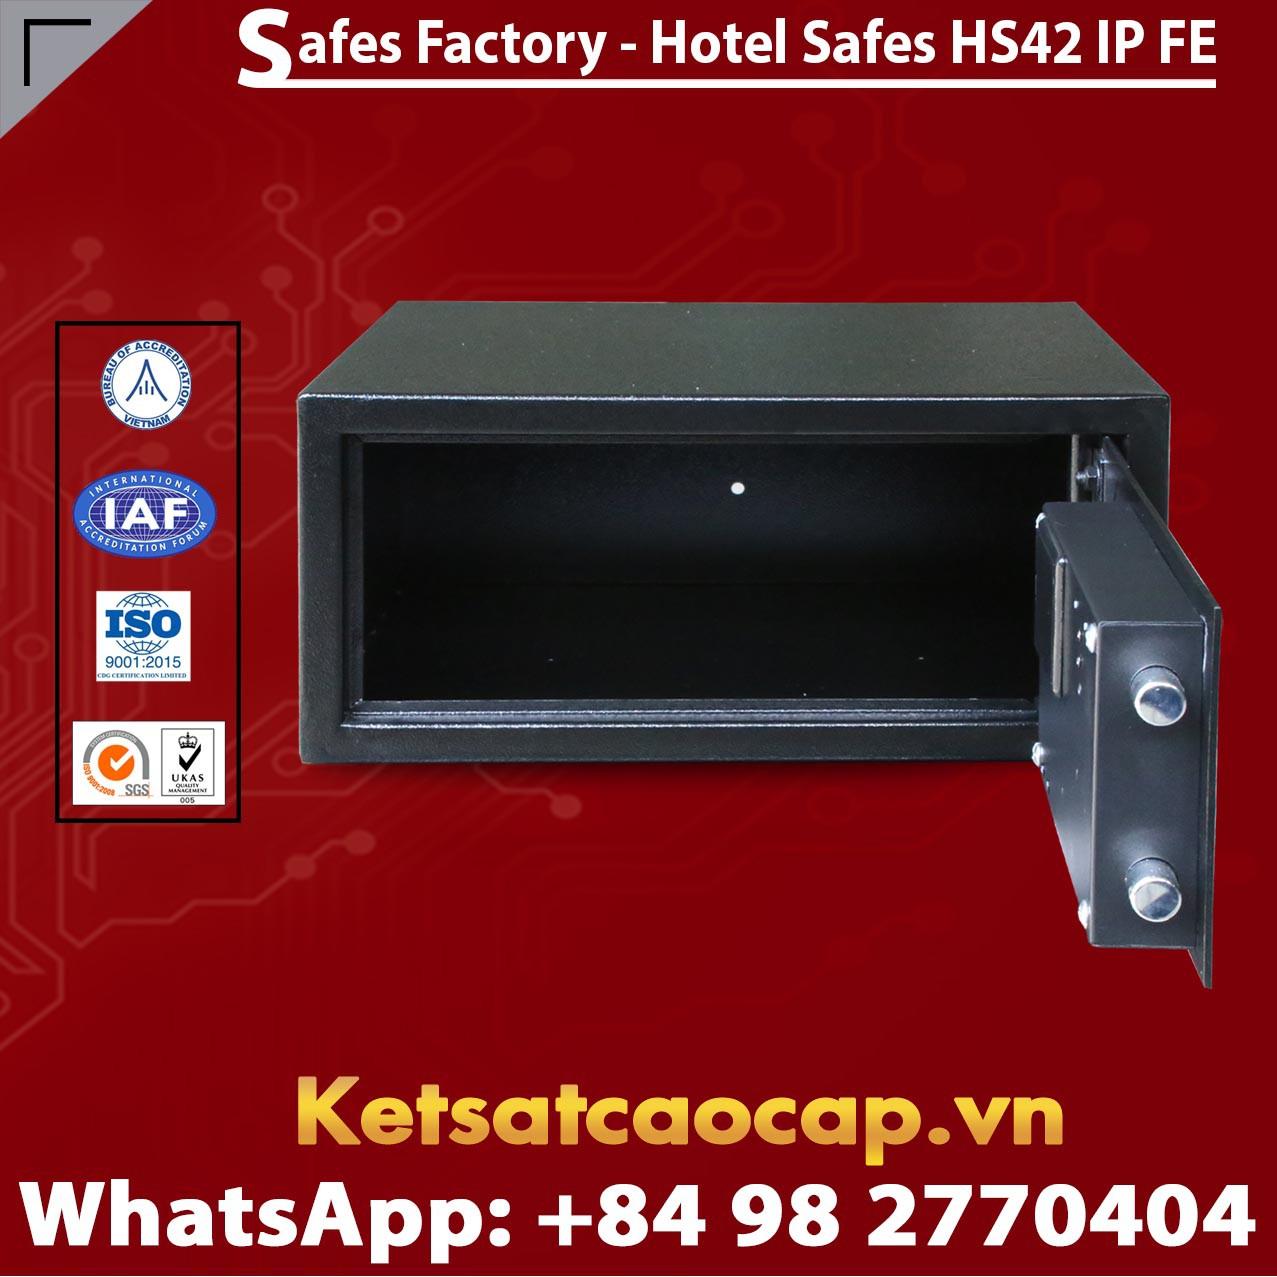 Két Sắt Khách Sạn Hotel Safes WELKO HS42 IP FE